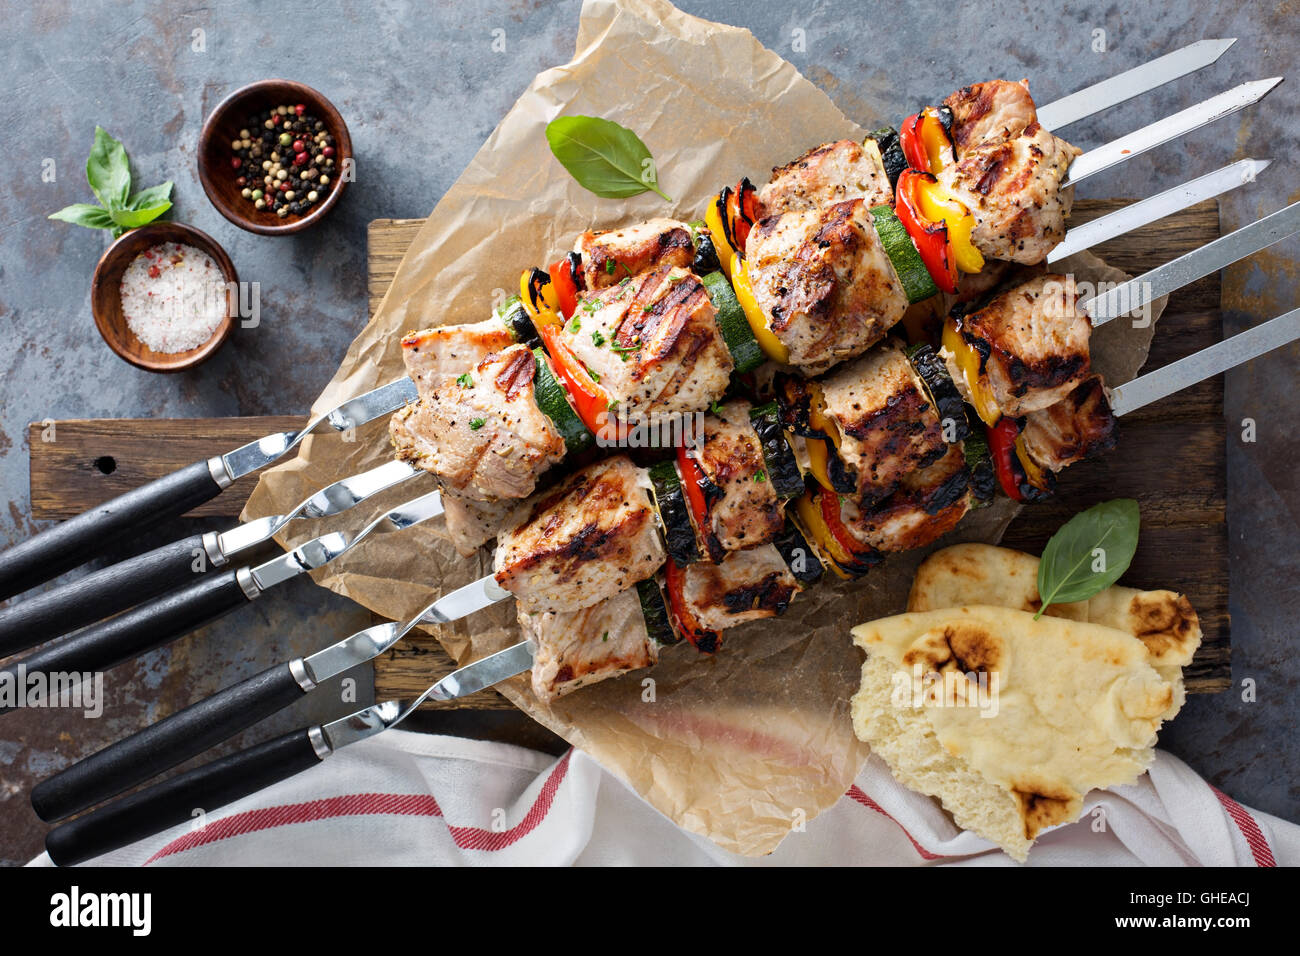 La carne de cerdo y verduras de kebabs. Imagen De Stock